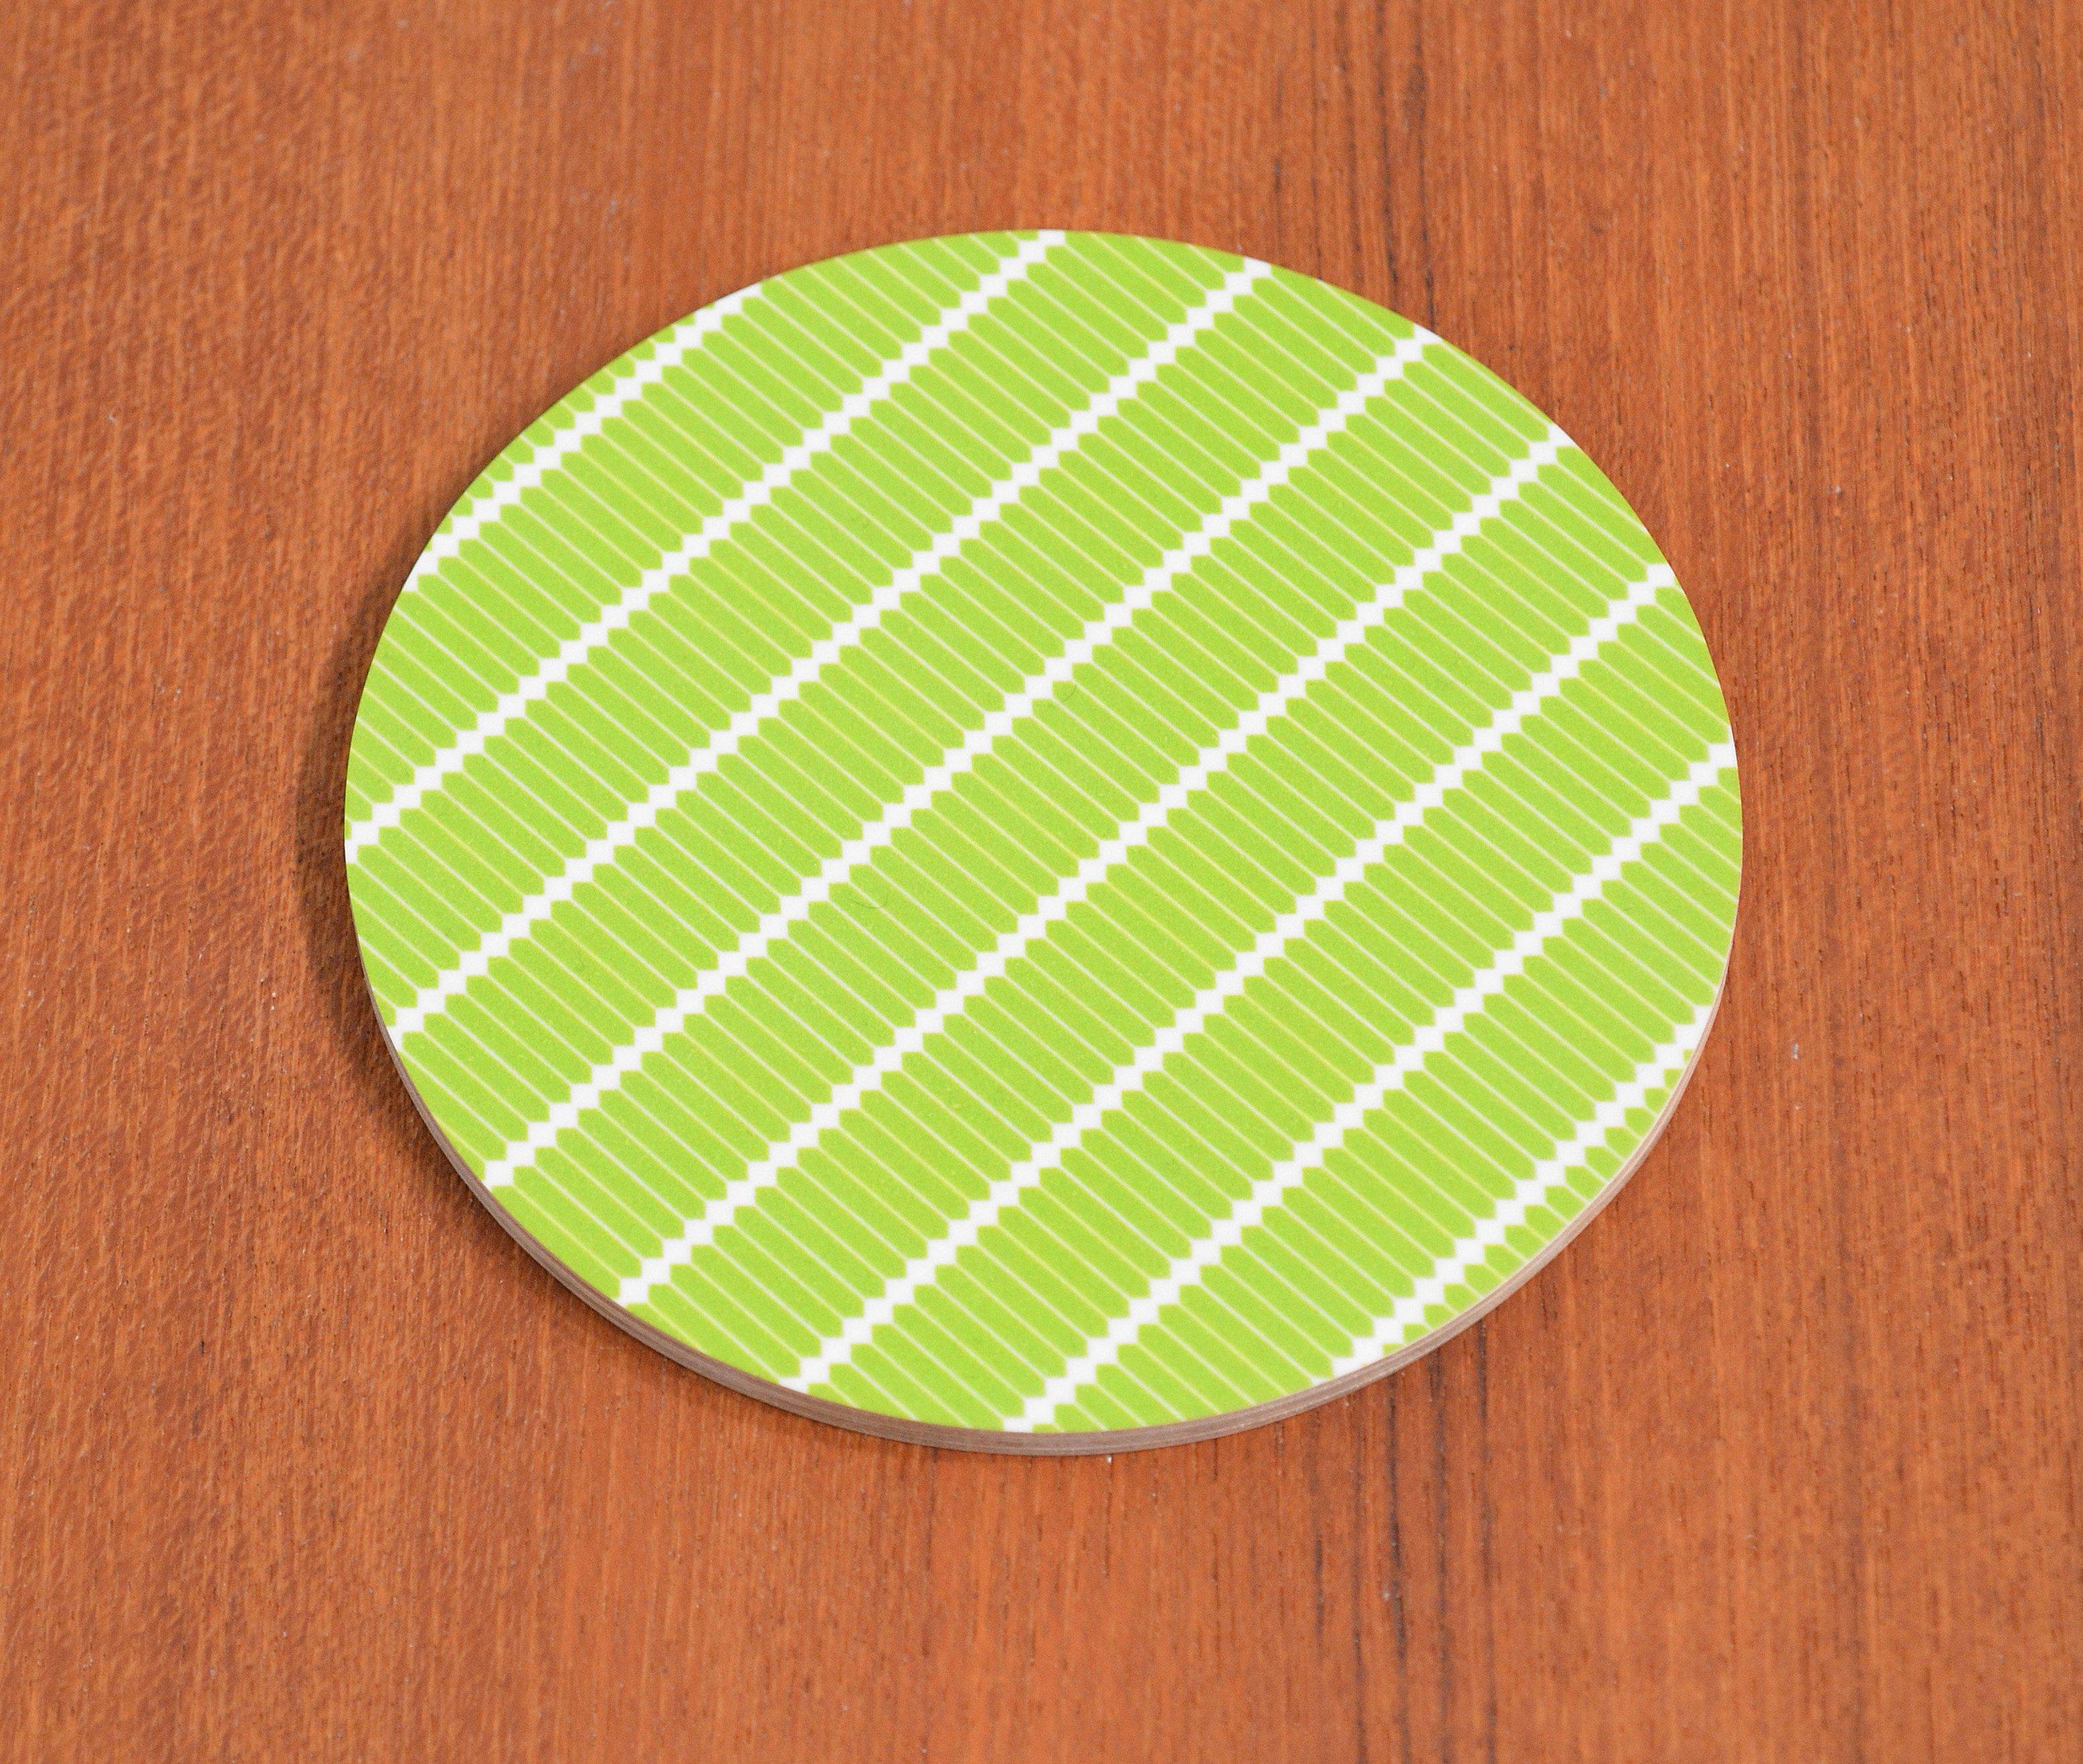 Glasunderlägg Stavar, ljusgrön